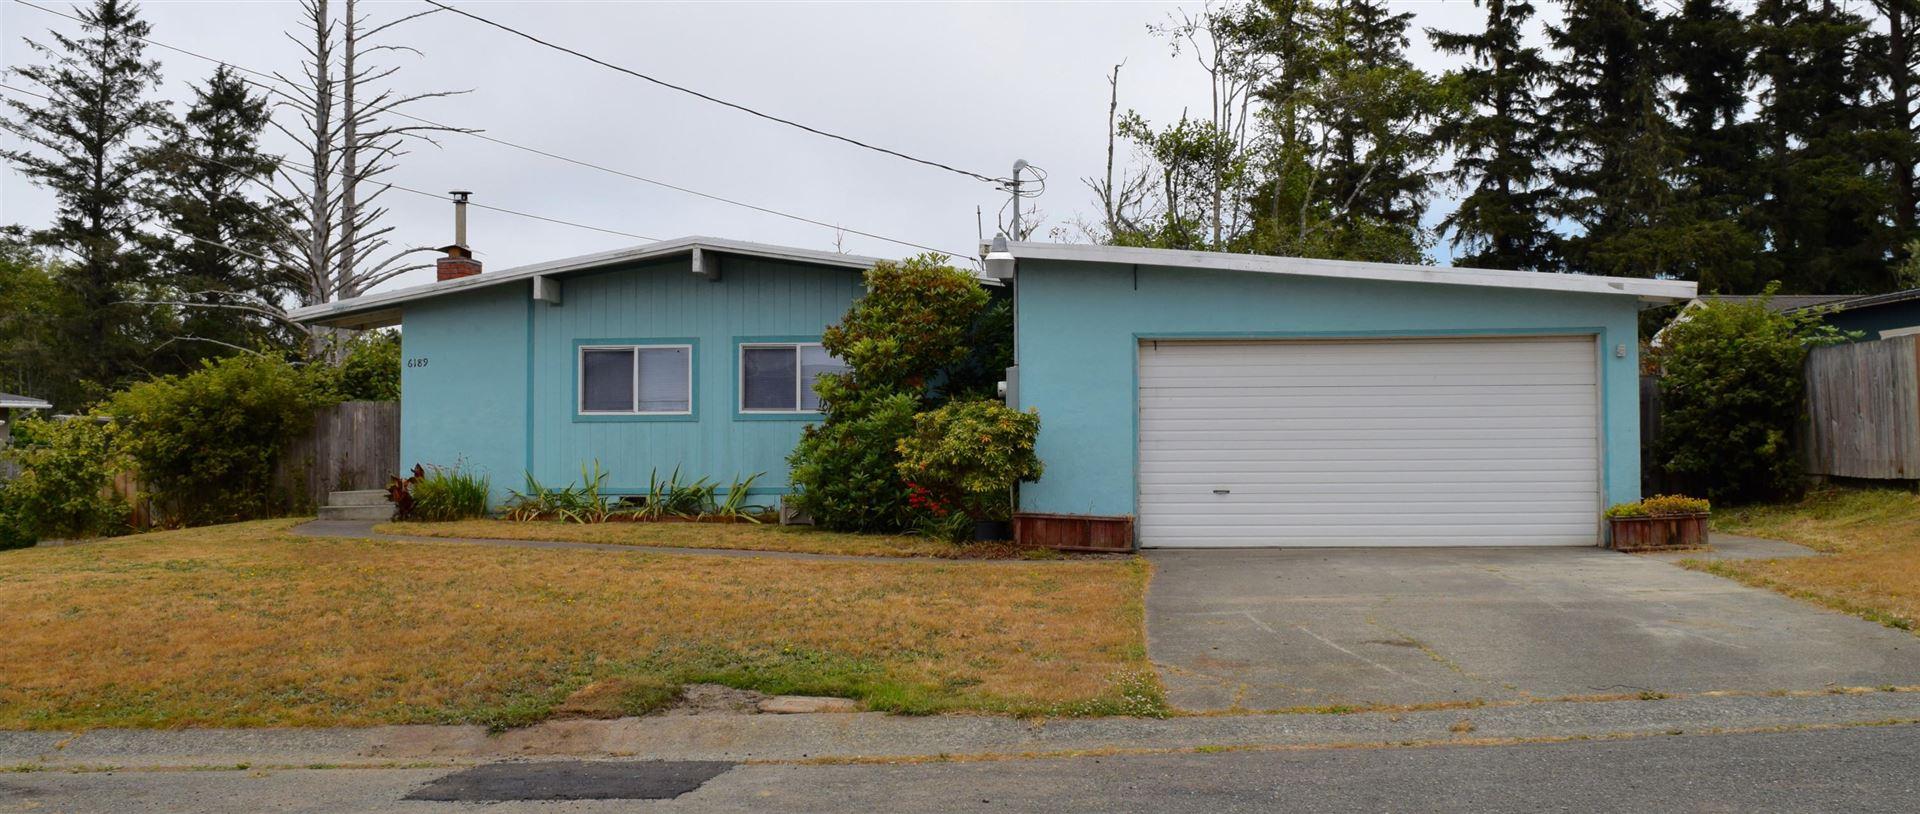 6189 Princeton Drive, Humboldt Hill, CA 95503 - MLS#: 257610